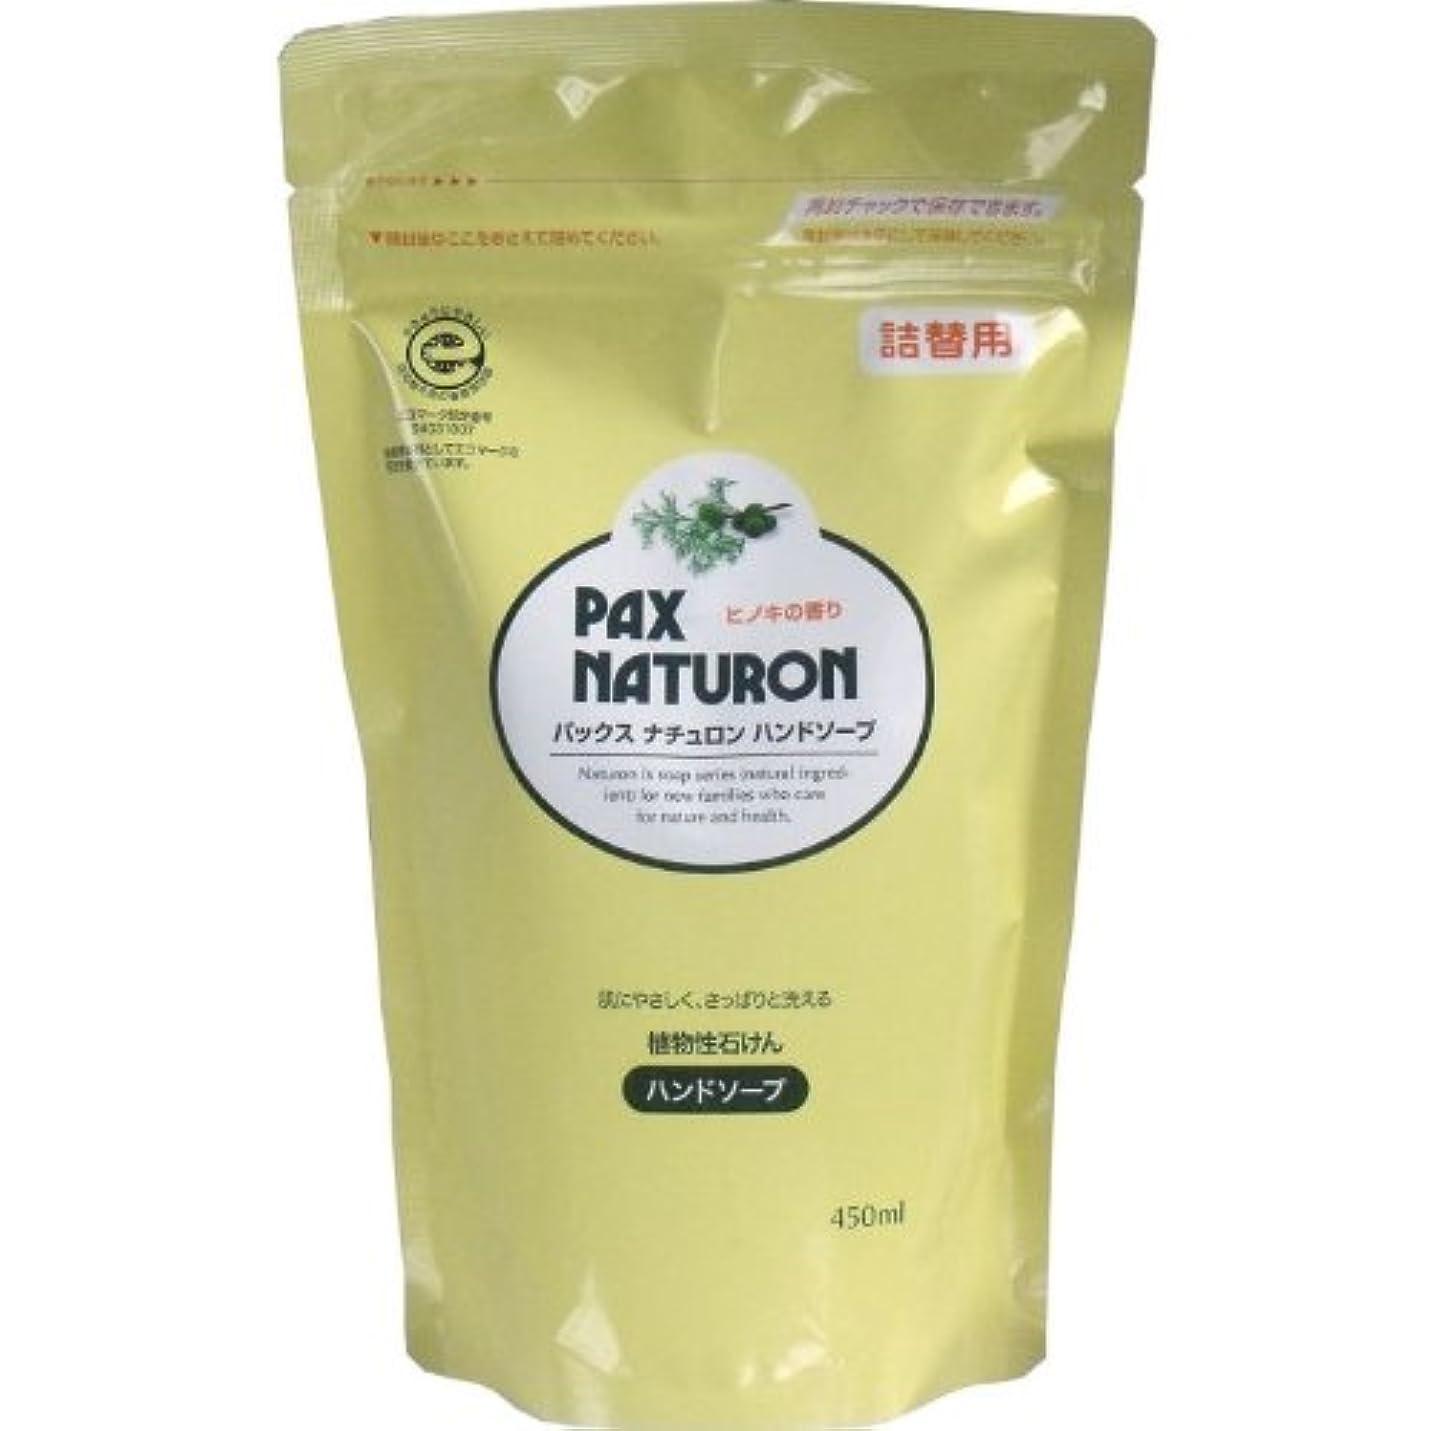 シダ情熱的貫入肌にやさしく、さっぱりと洗える植物性石けん!植物性ハンドソープ 詰替用 450mL【2個セット】